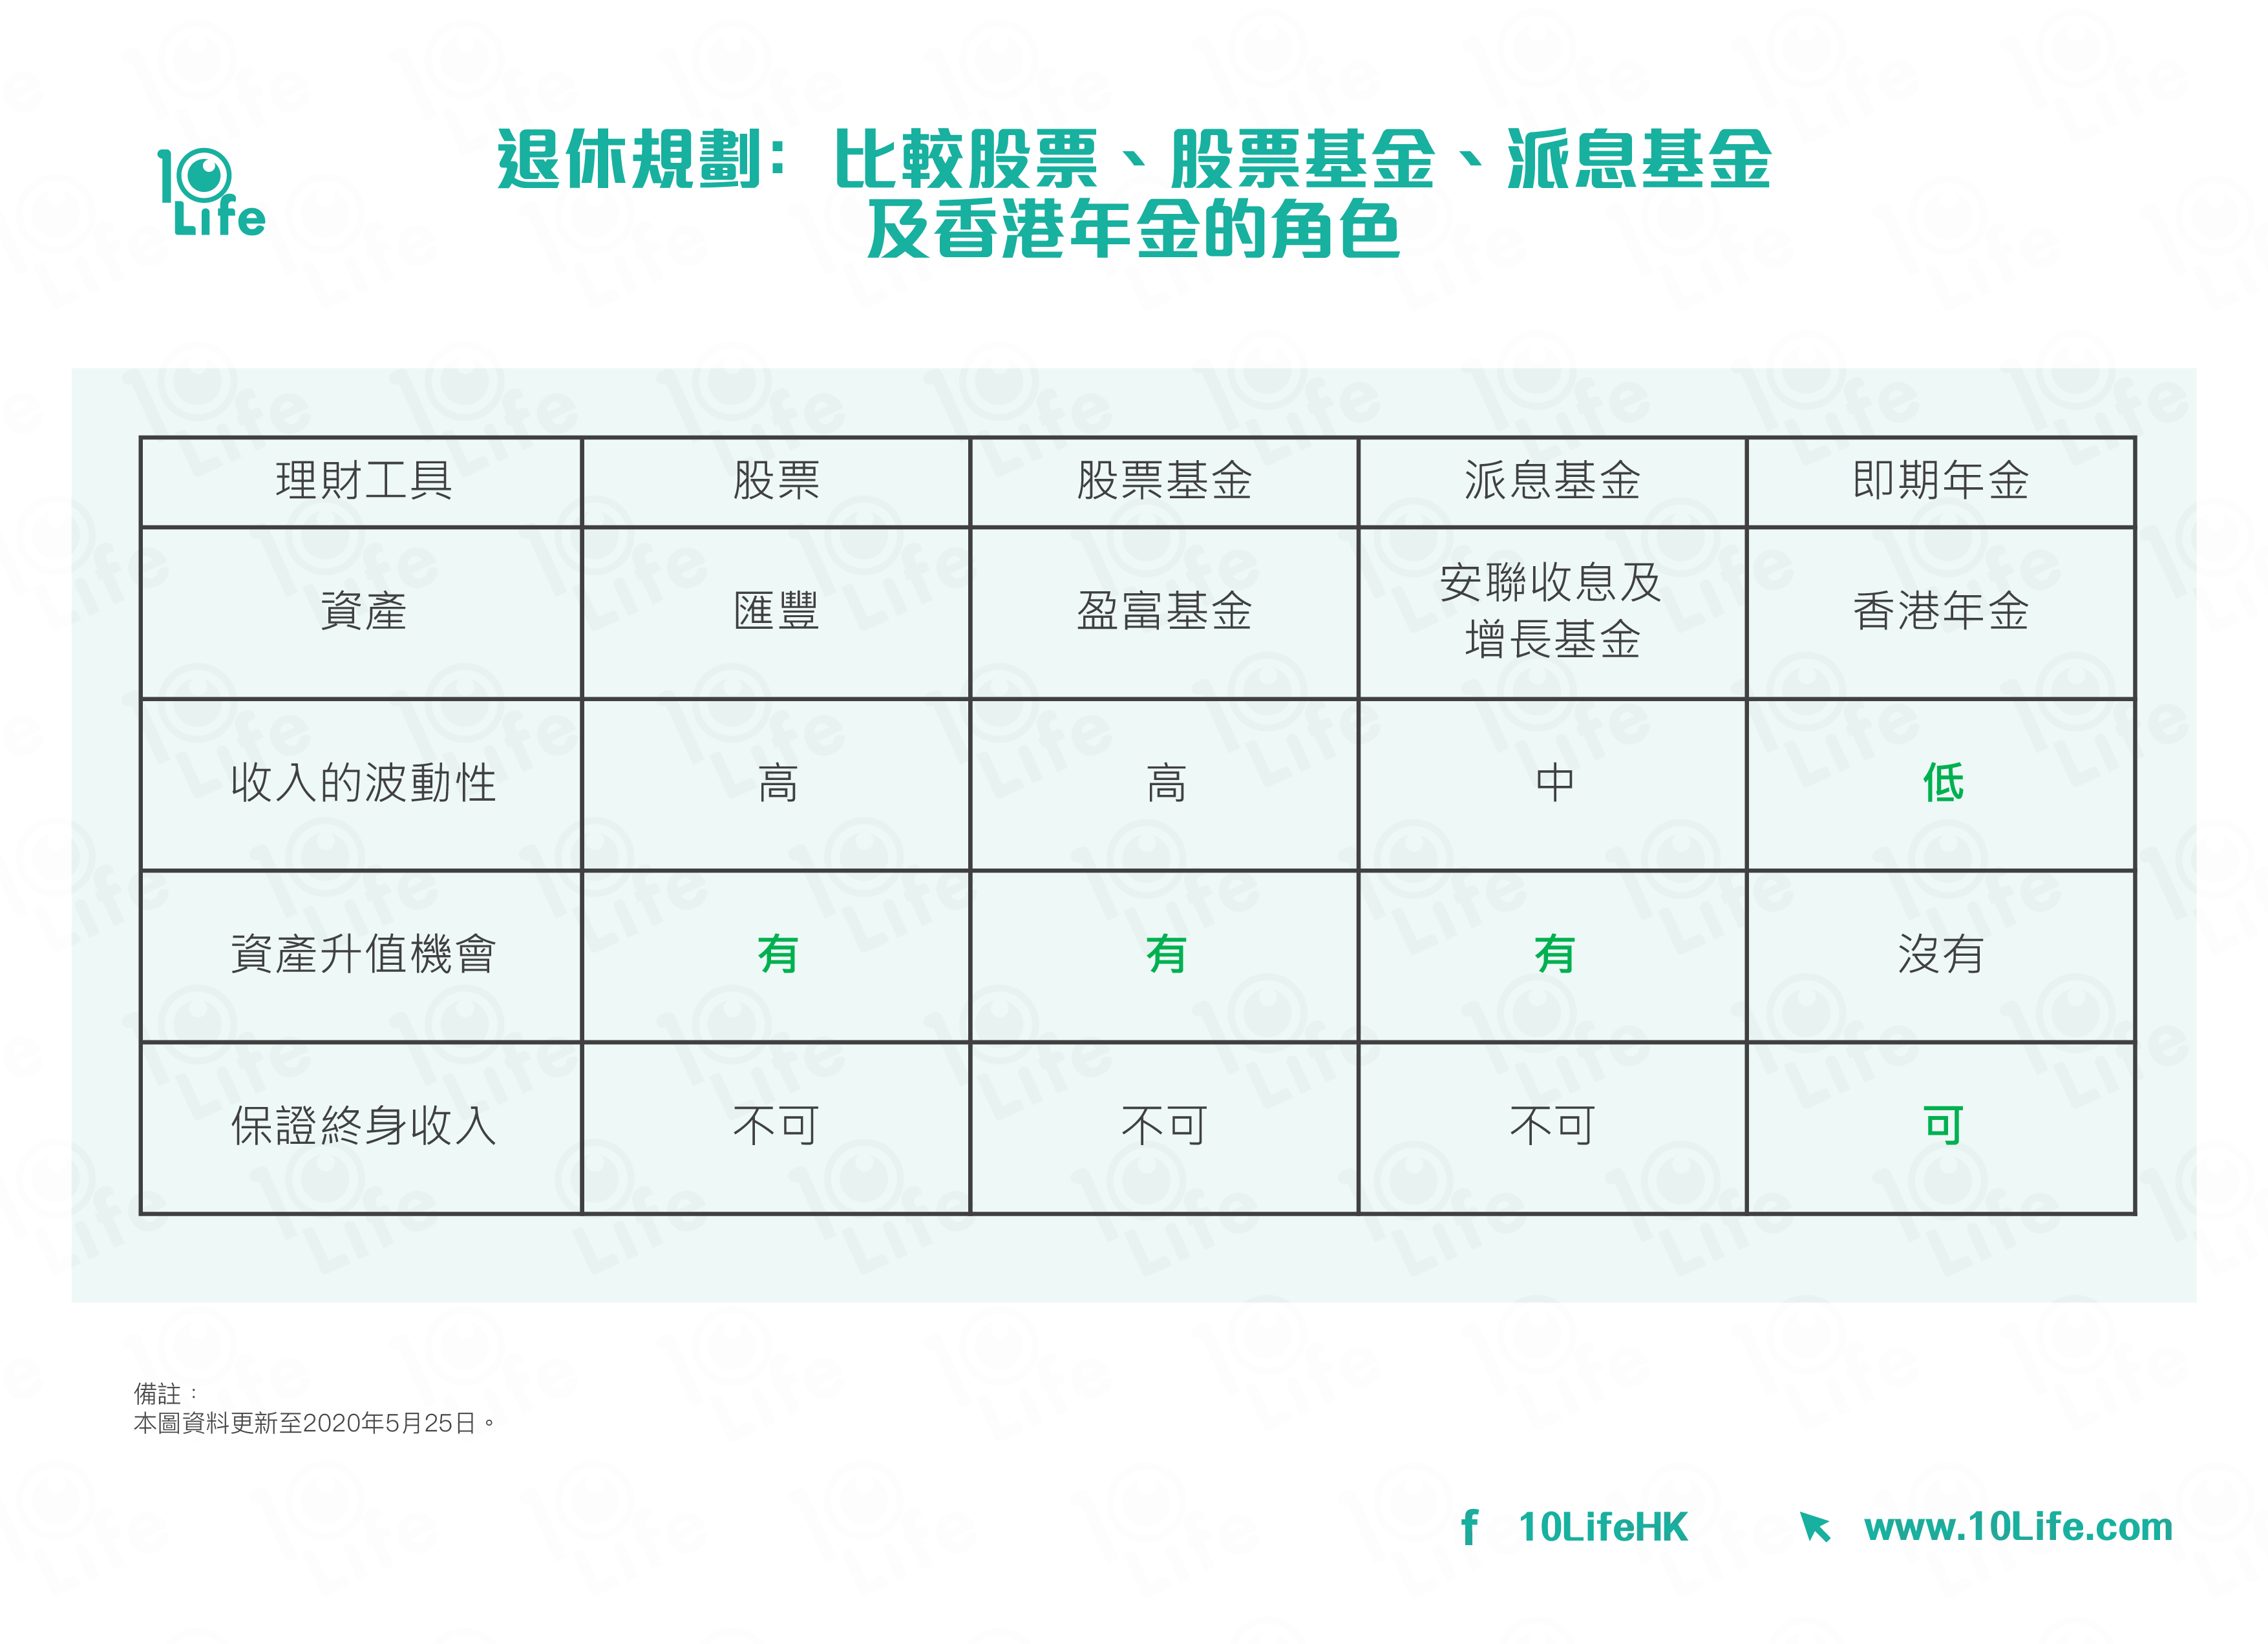 退休規劃﹕比較股票、股票基金、派息基金及香港年金的角色